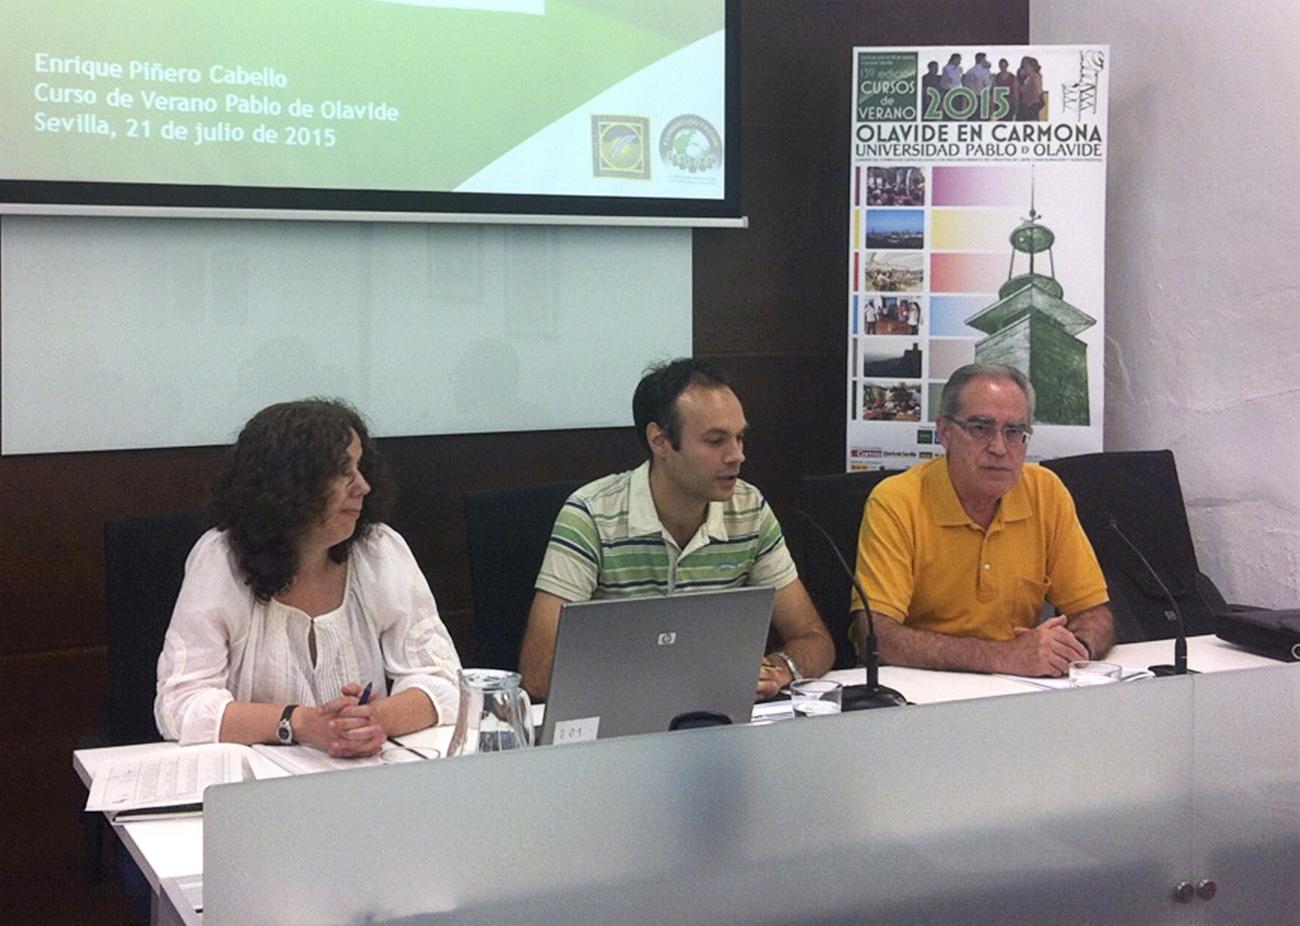 La Fundaci�n FACUA ofrece un curso de verano de la Universidad Pablo de Olavide en Carmona